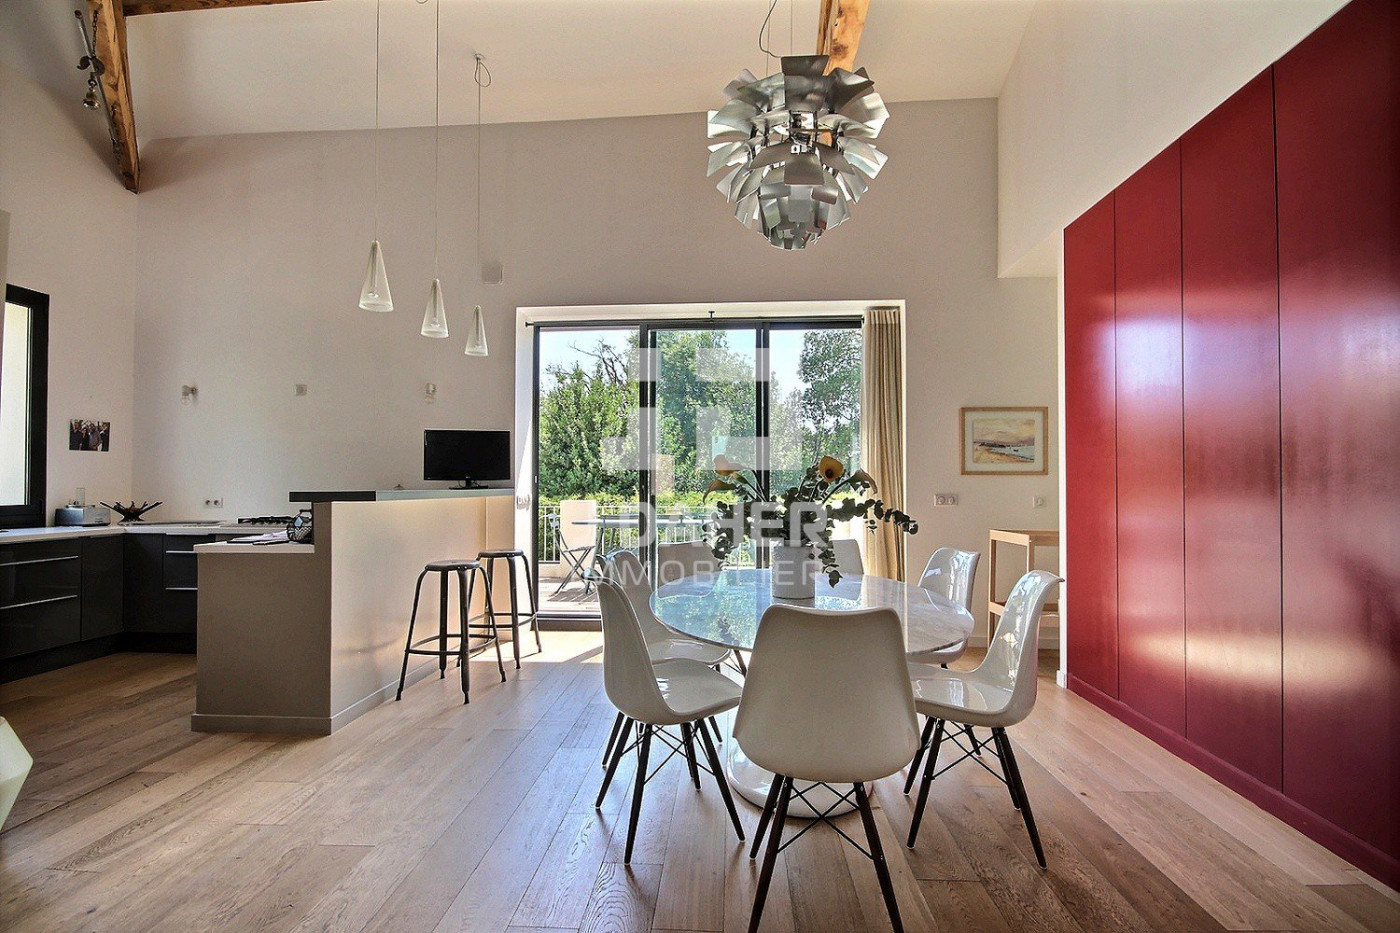 A vendre  Marseille 9eme Arrondissement   Réf 13025835 - J daher immobilier